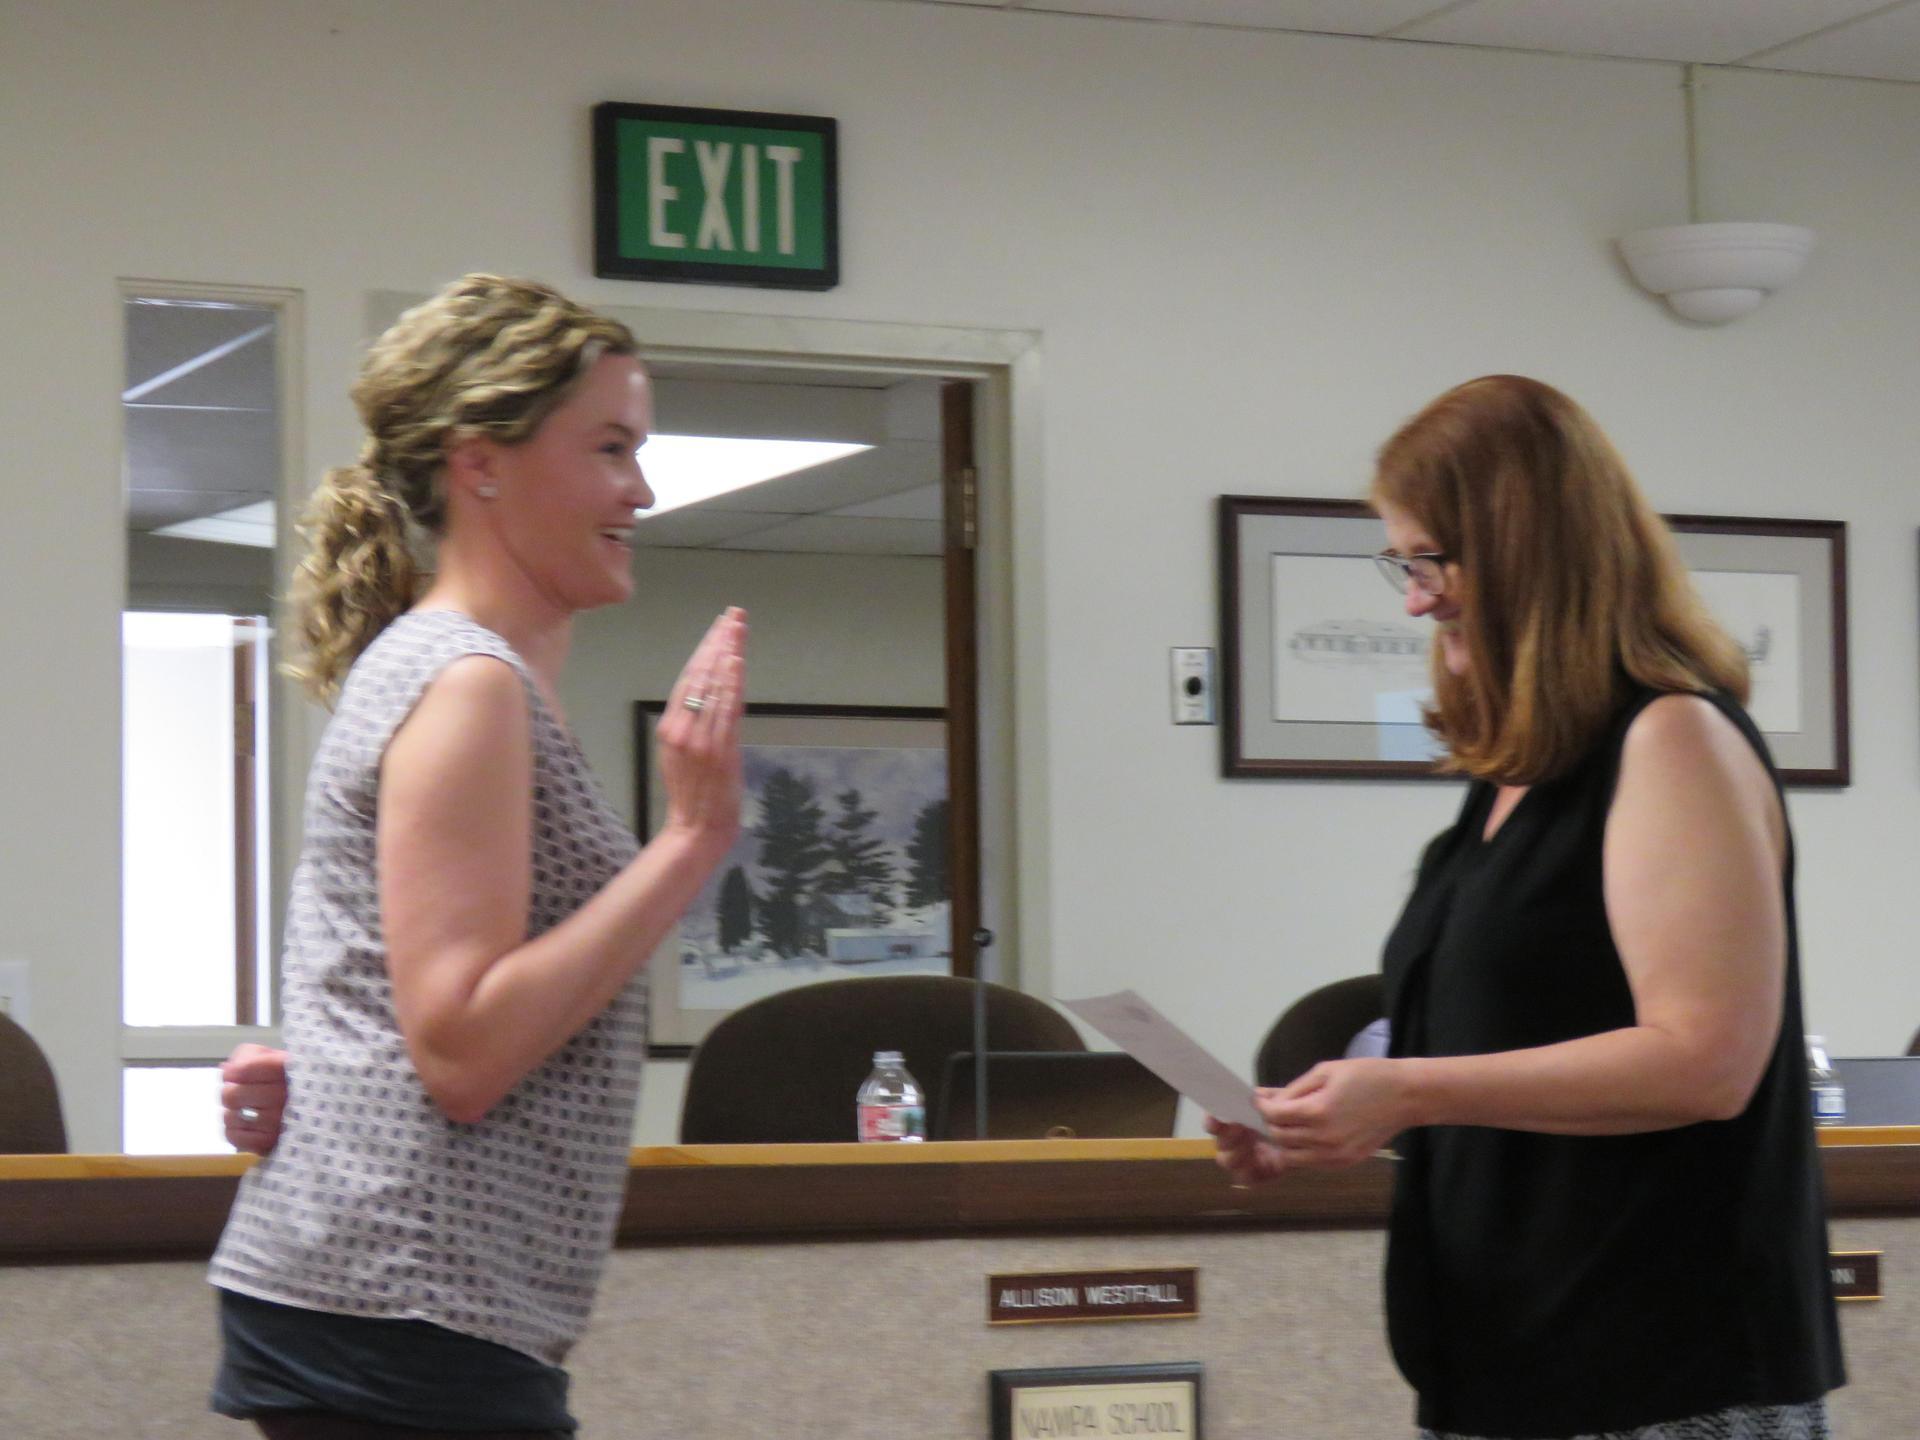 Heather Lewis is sworn in by Allison Westfall